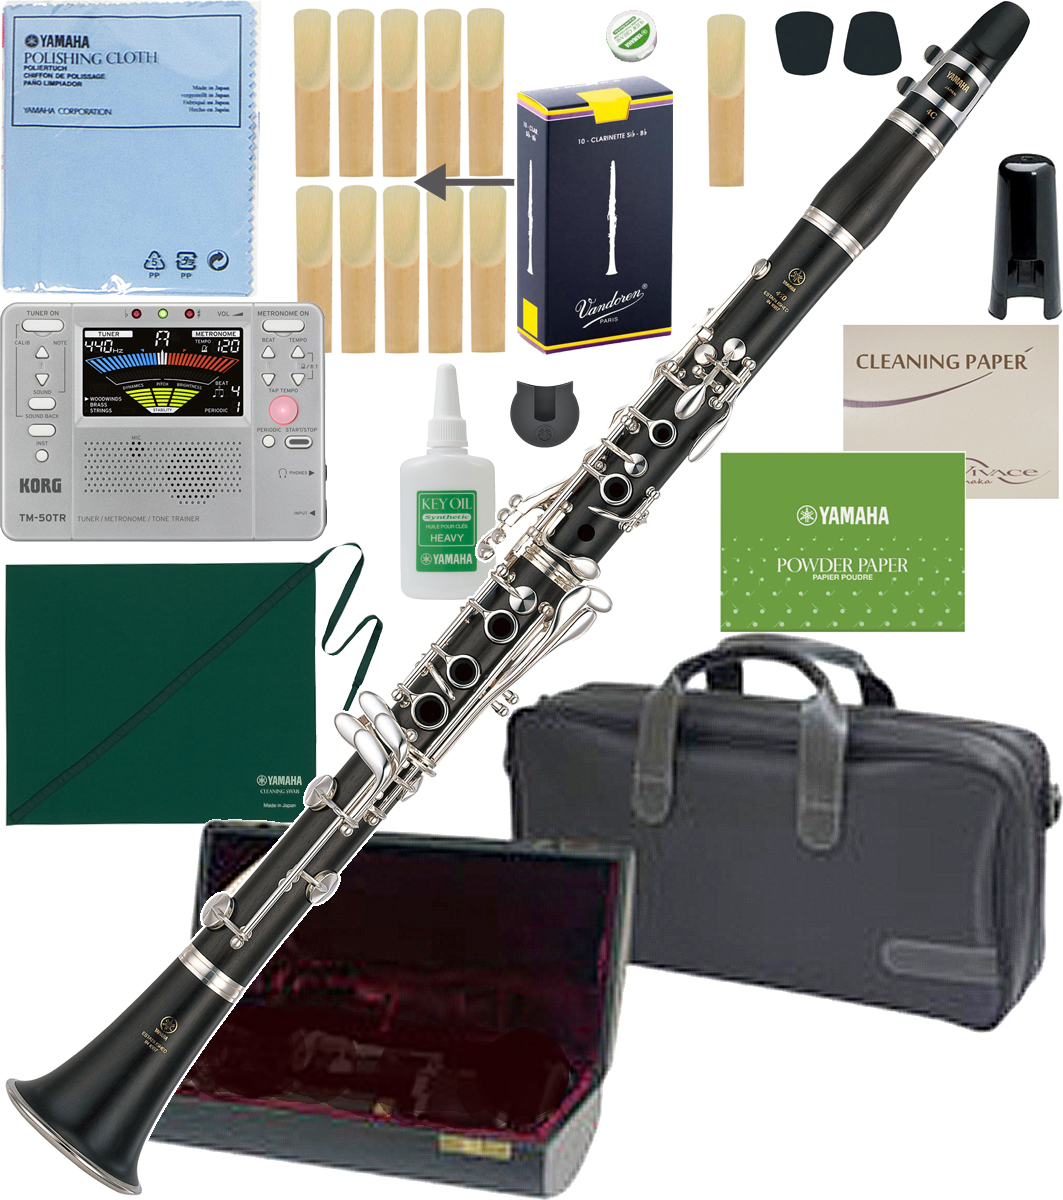 YAMAHA ( ヤマハ ) YCL-450 クラリネット 木製 正規品 グラナディラ B♭ 日本製 管楽器 Bb clarinet セット B 北海道 沖縄 離島不可